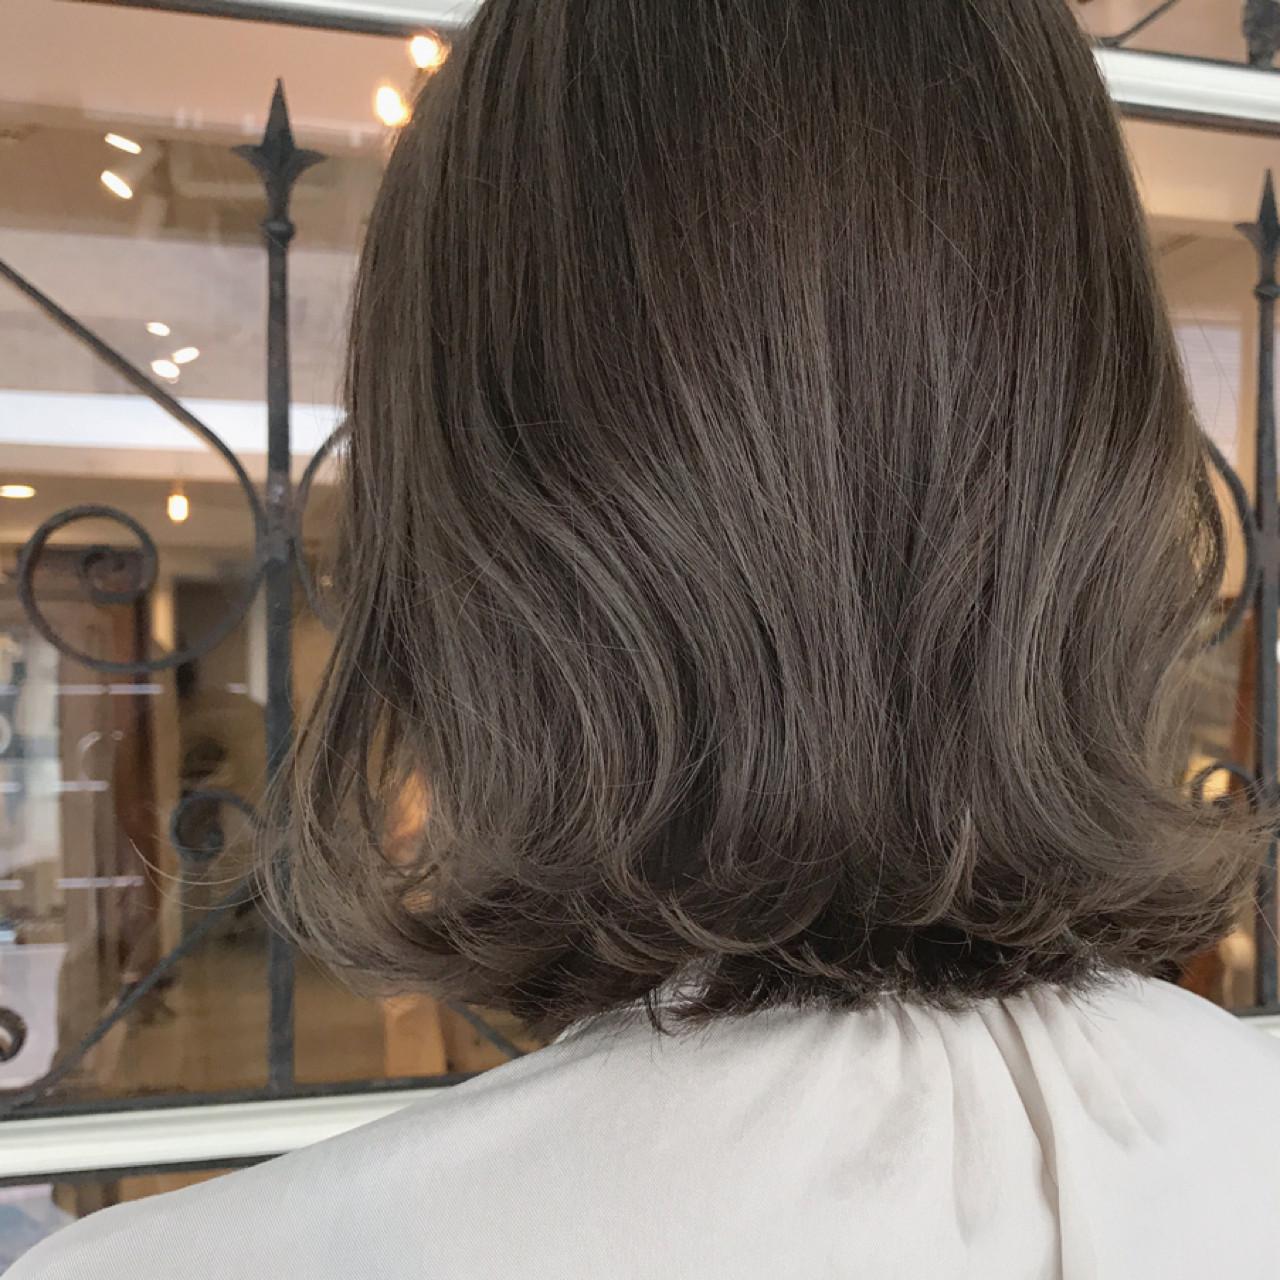 ミディアム 女子力 ナチュラル ウェットヘア ヘアスタイルや髪型の写真・画像